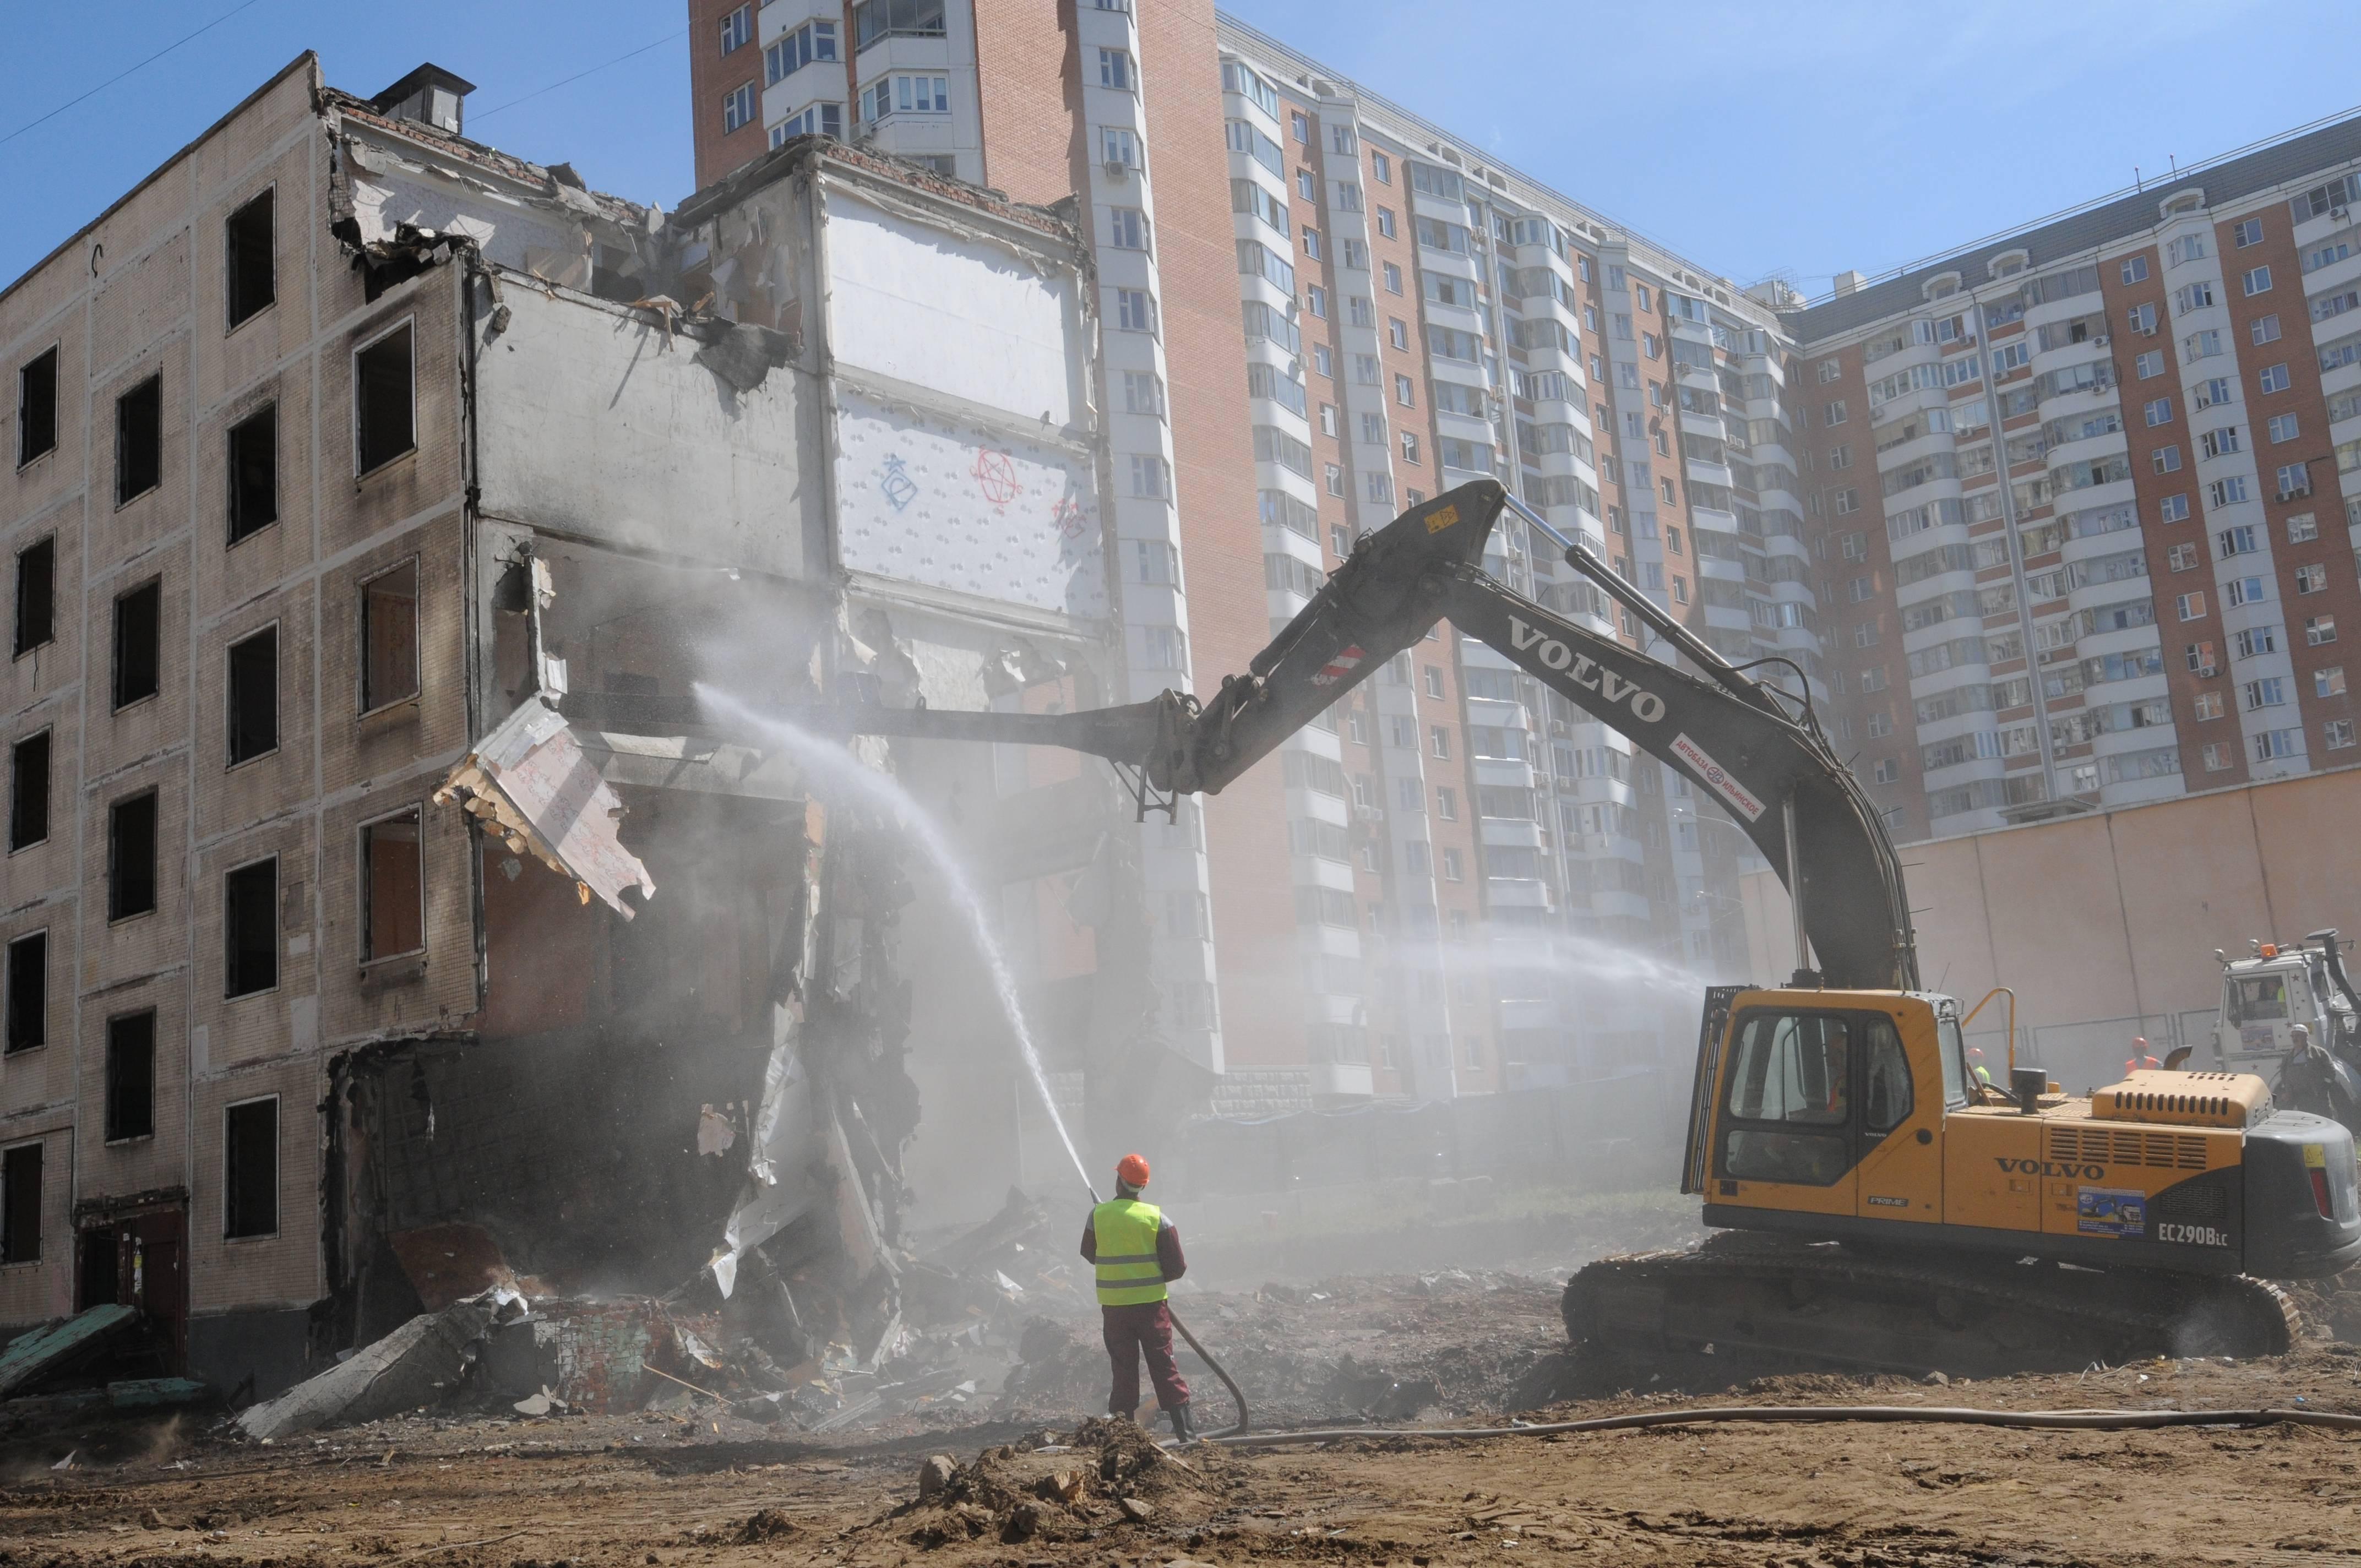 Программа реновации в юго-западном административном округе: график сноса пятиэтажек, стартовые площадки, последние новости